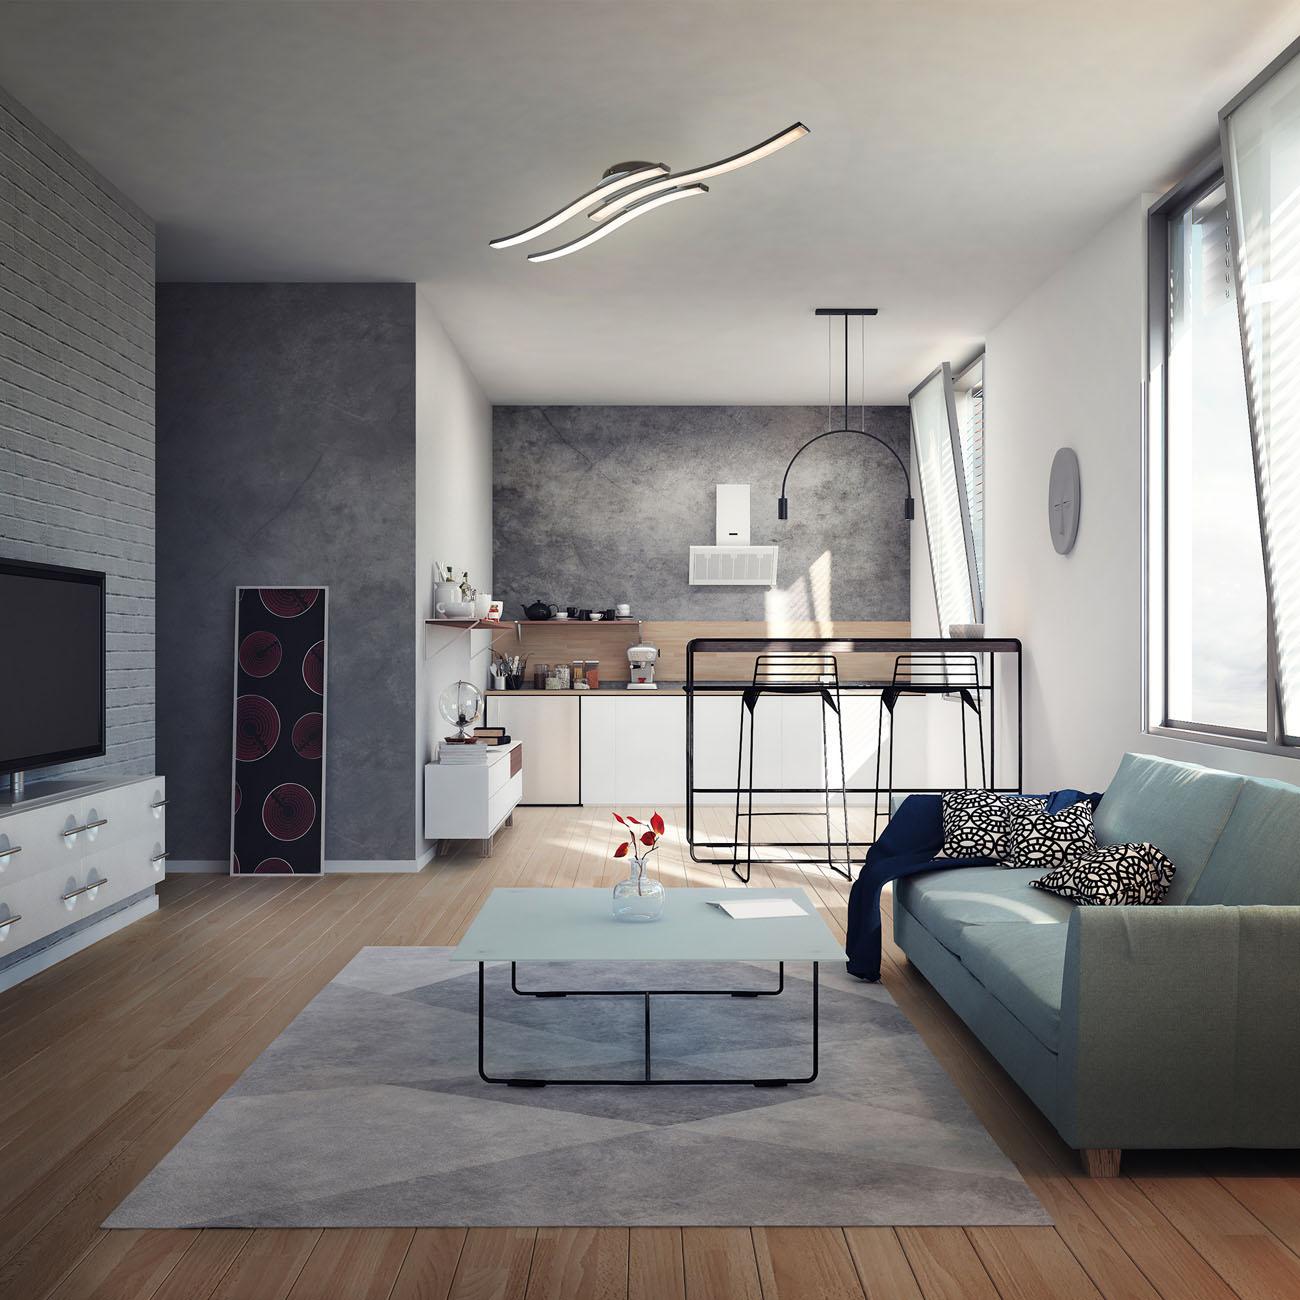 LED Design Deckenleuchte in Wellenform - 4